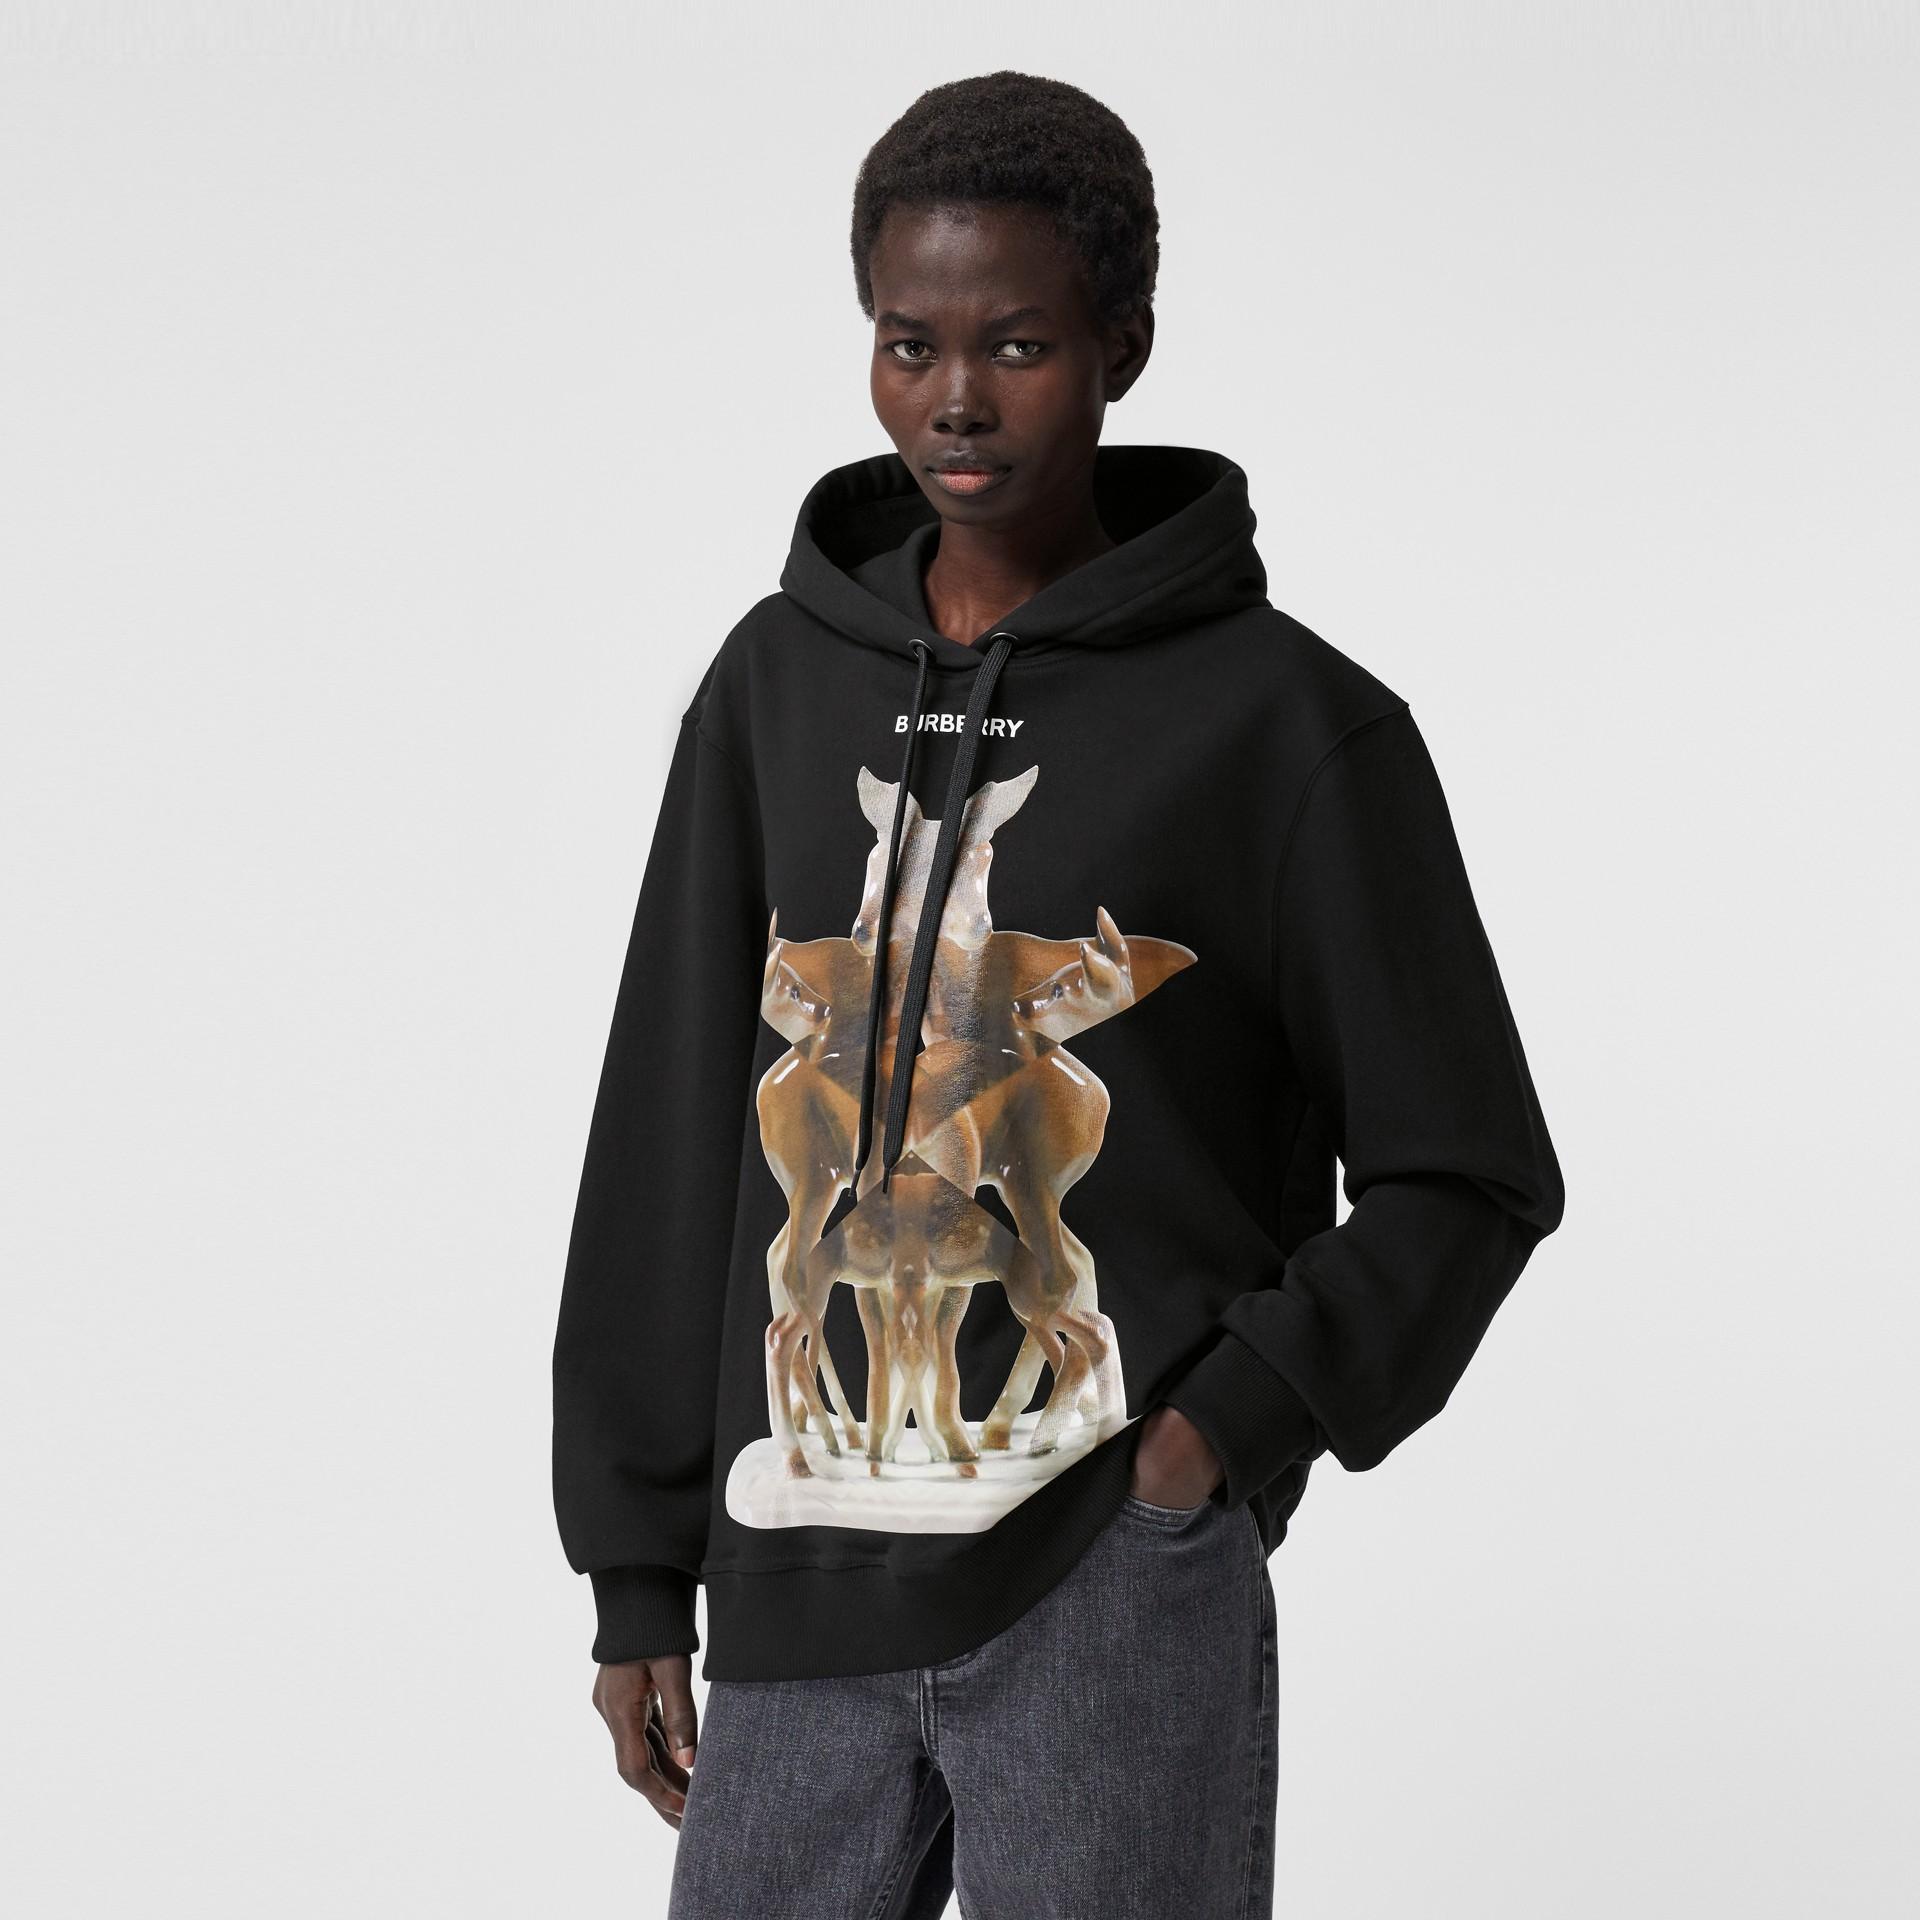 Sweat-shirt à capuche oversize avec imprimé kaléidoscope – Exclusivité en ligne (Noir) - Femme | Burberry - photo de la galerie 4